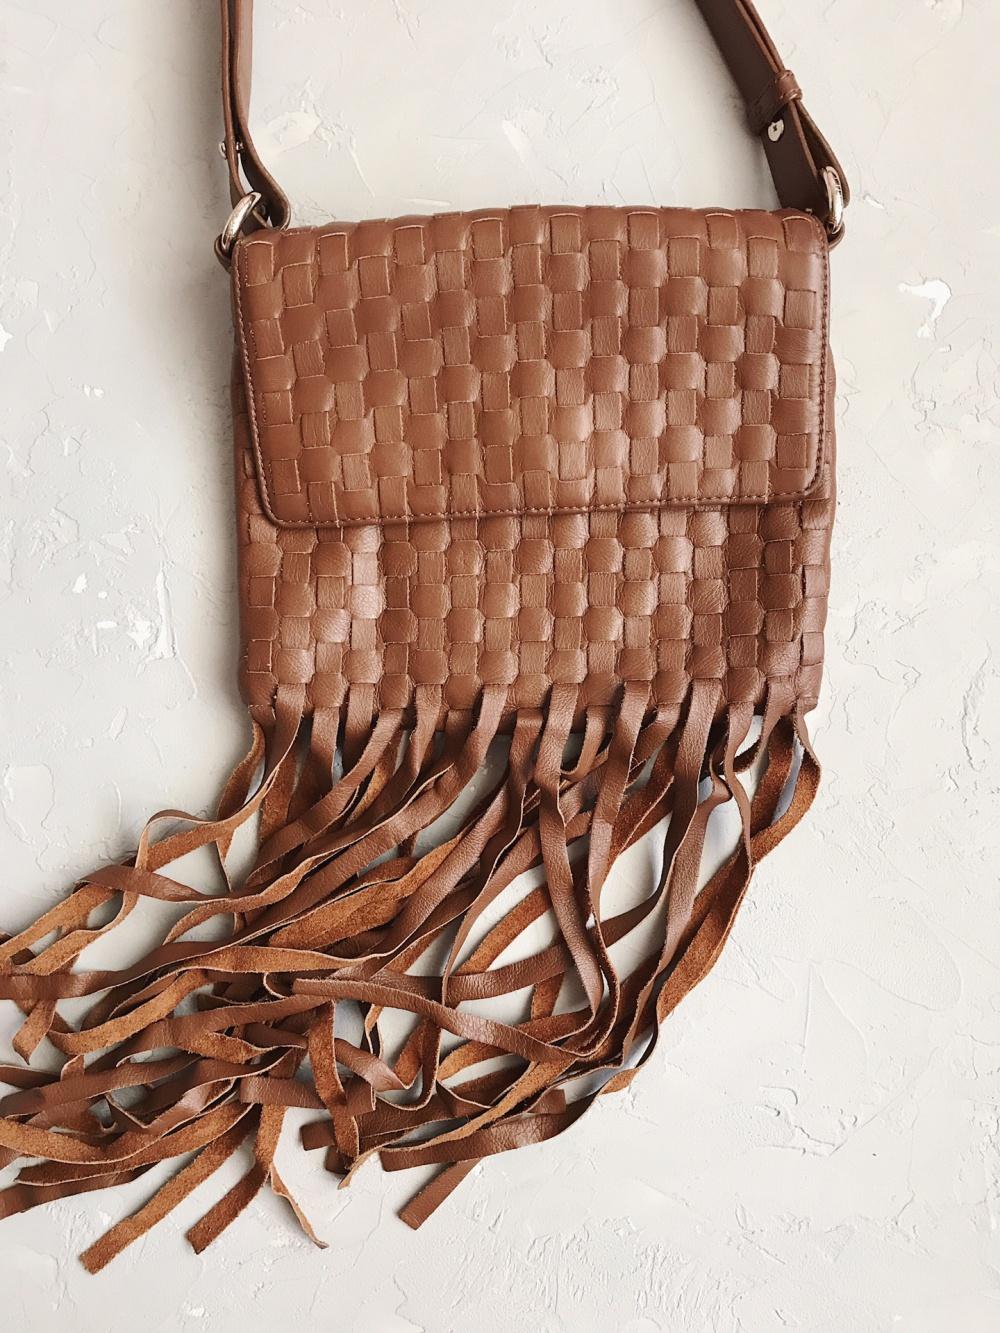 Сумка crossbody bag DKNY из натуральной кожи